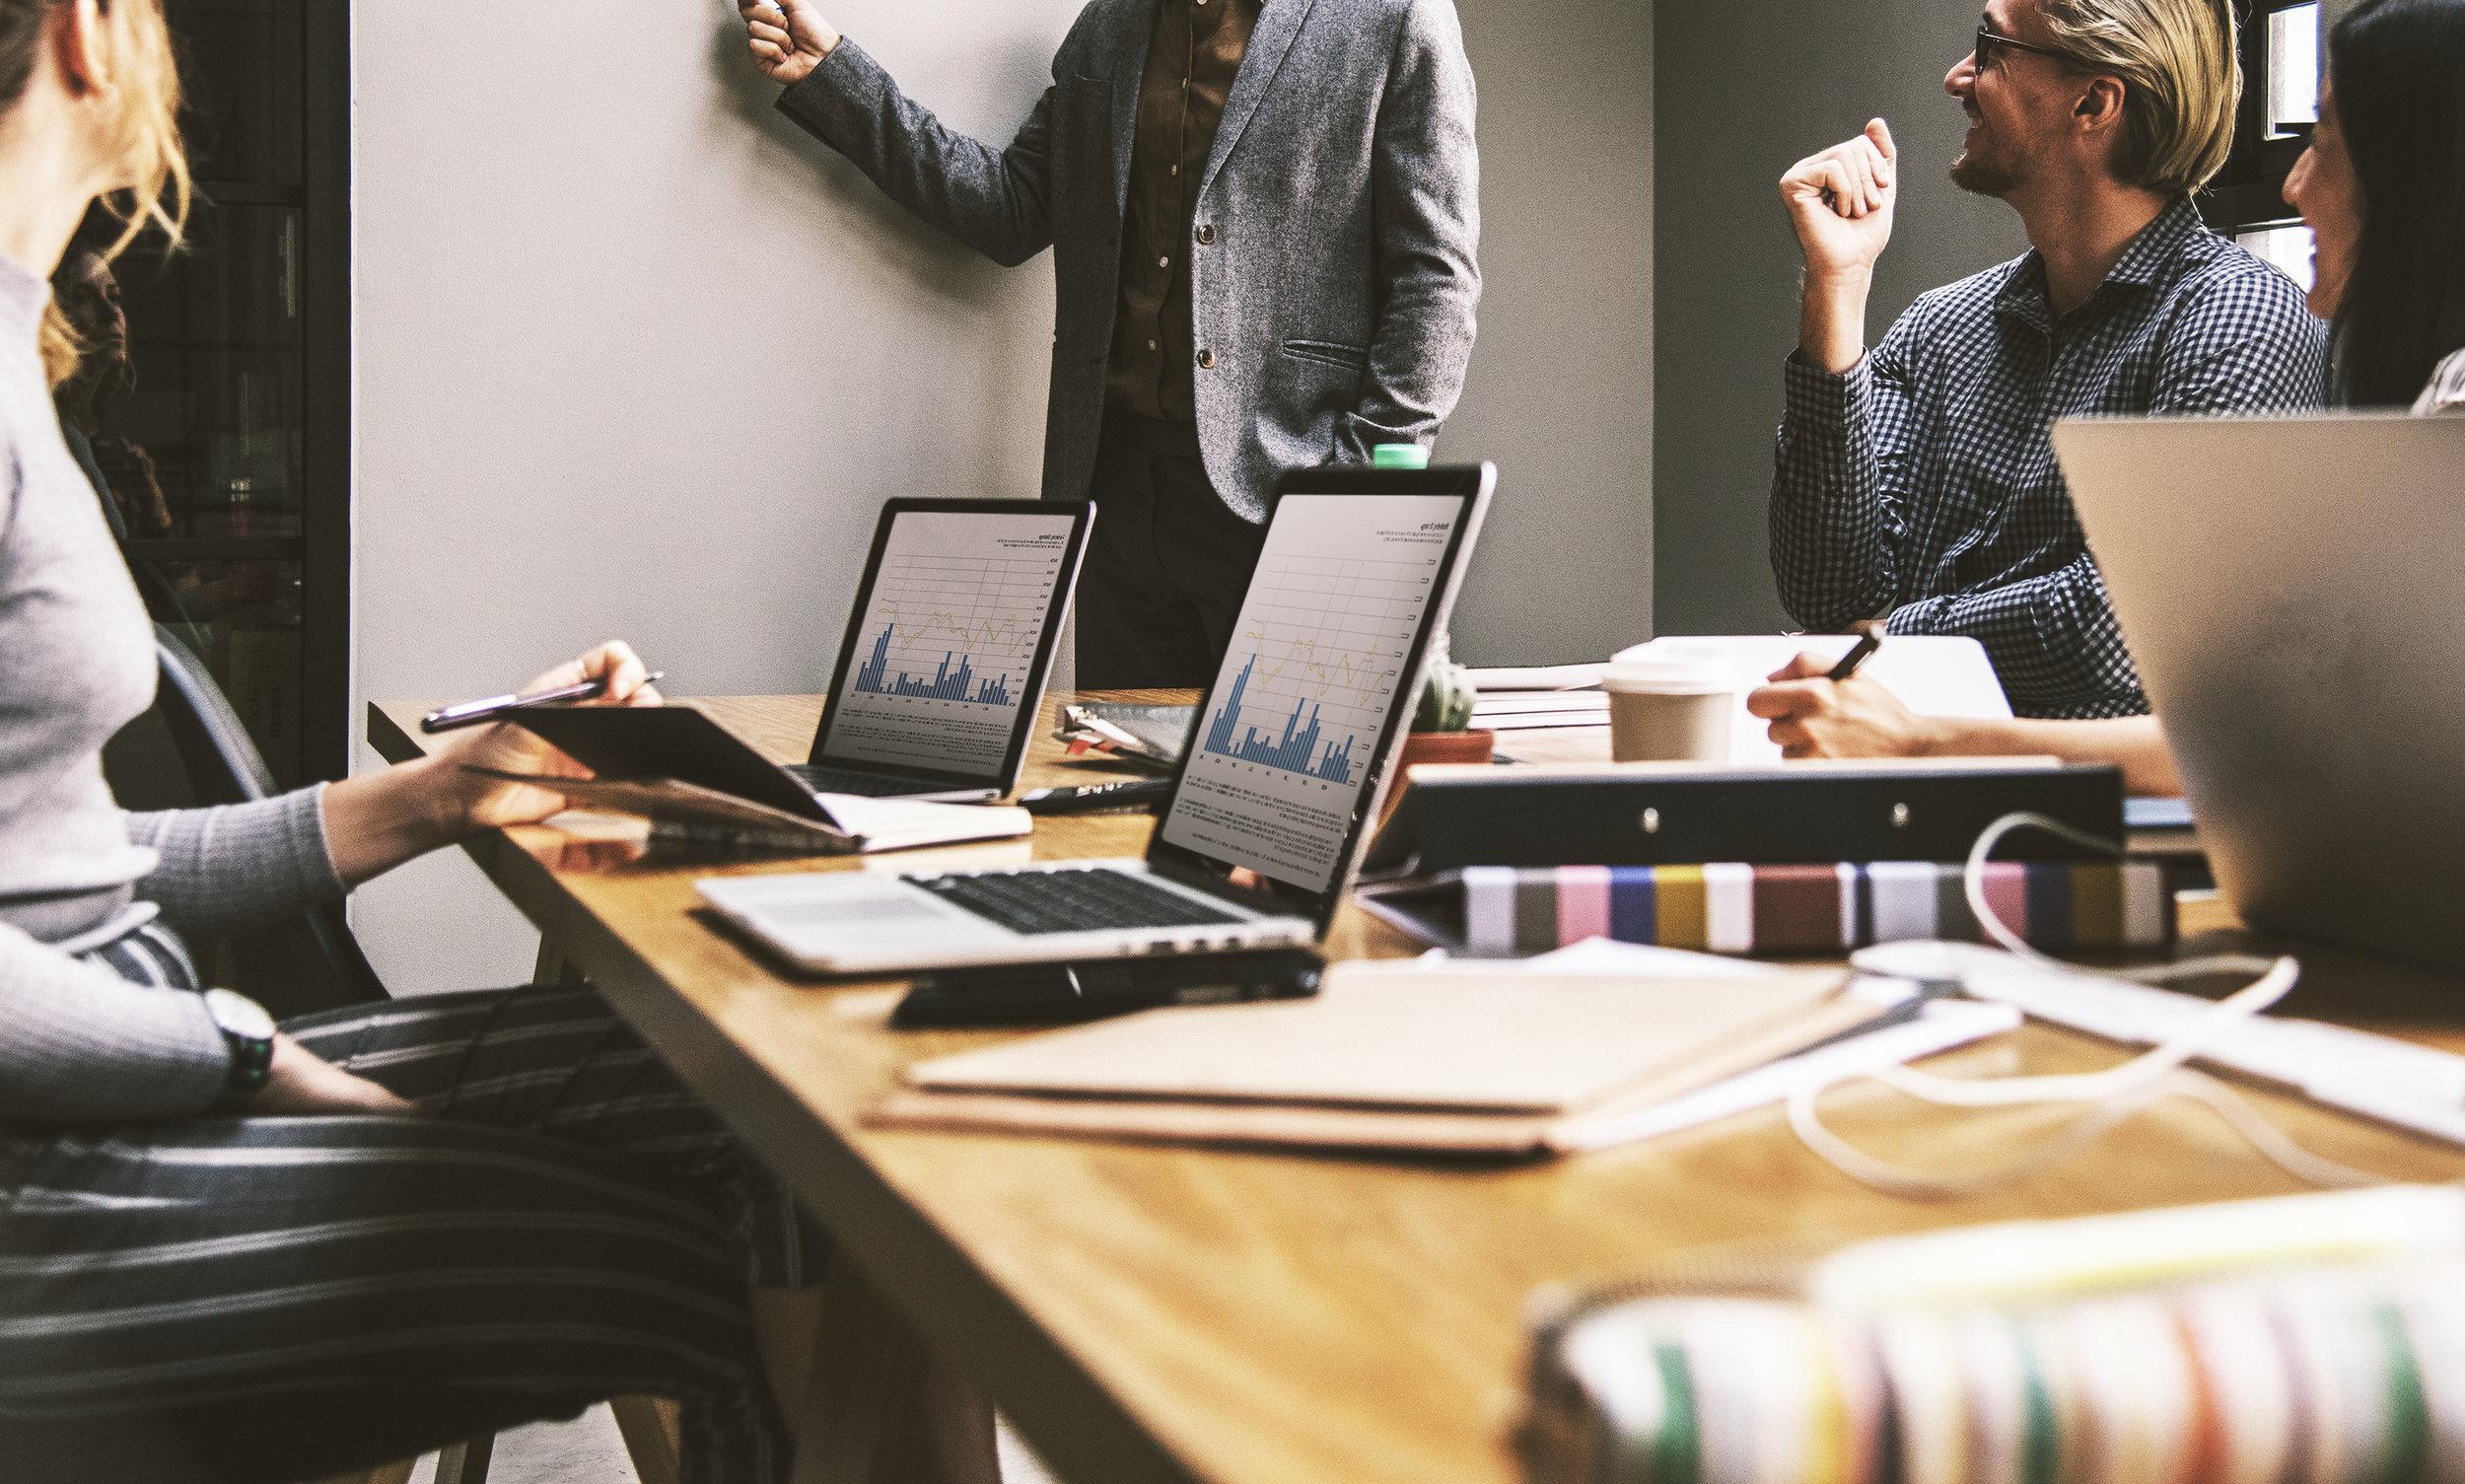 Rådgivning - ArbetsrättEkonomisk rådgivningAffärsplanerEffektivisering och affärsutvecklingStarta och avveckla bolagEkonomisk styrningSkatterättRedovisningskonsultation